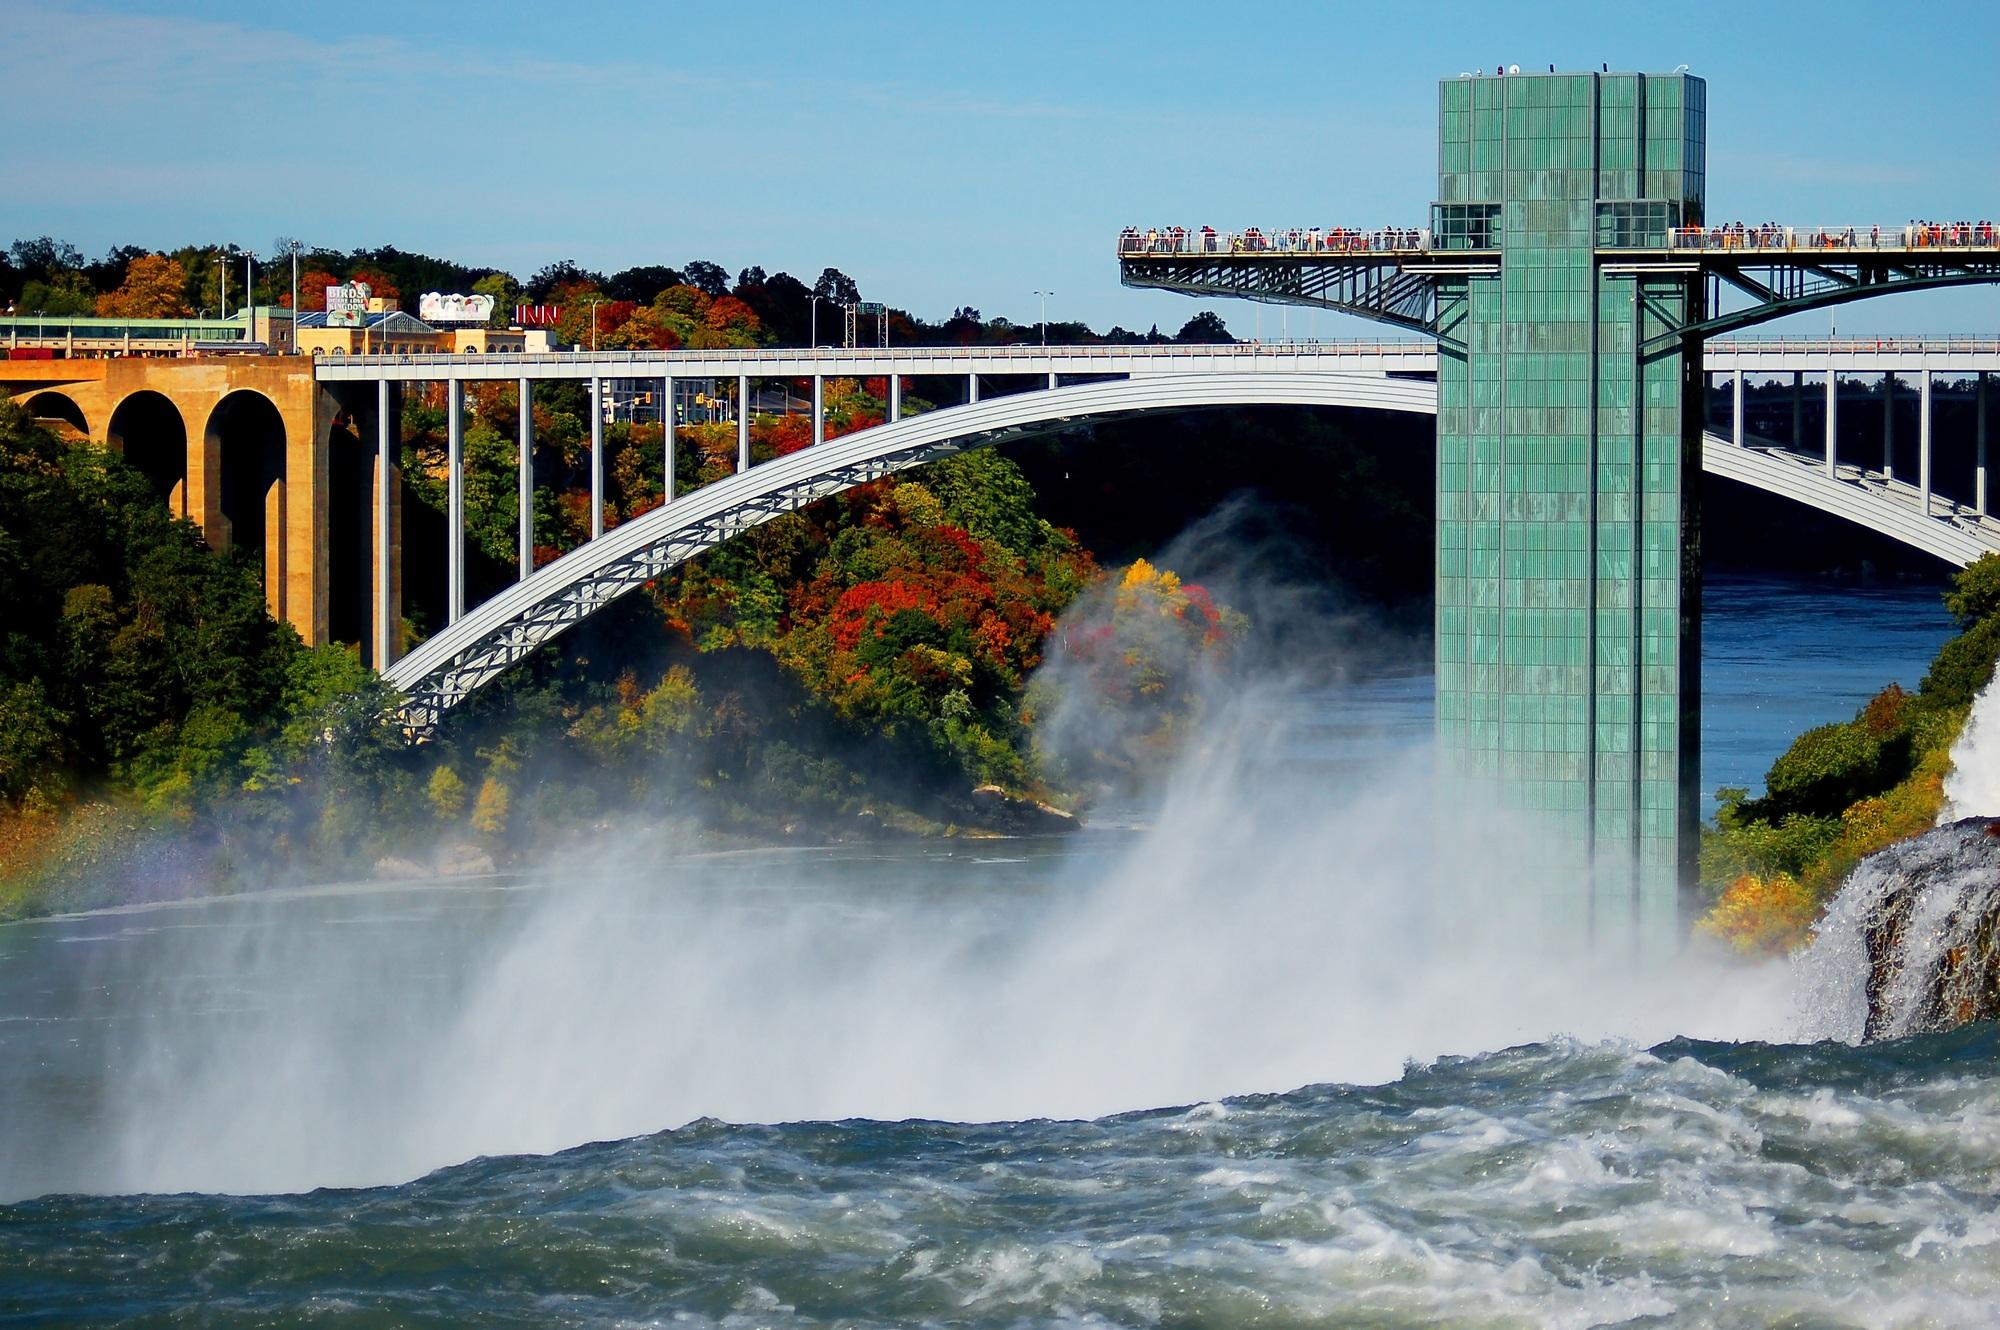 The Rainbow Bridge and Niagara Falls in Buffalo, NY